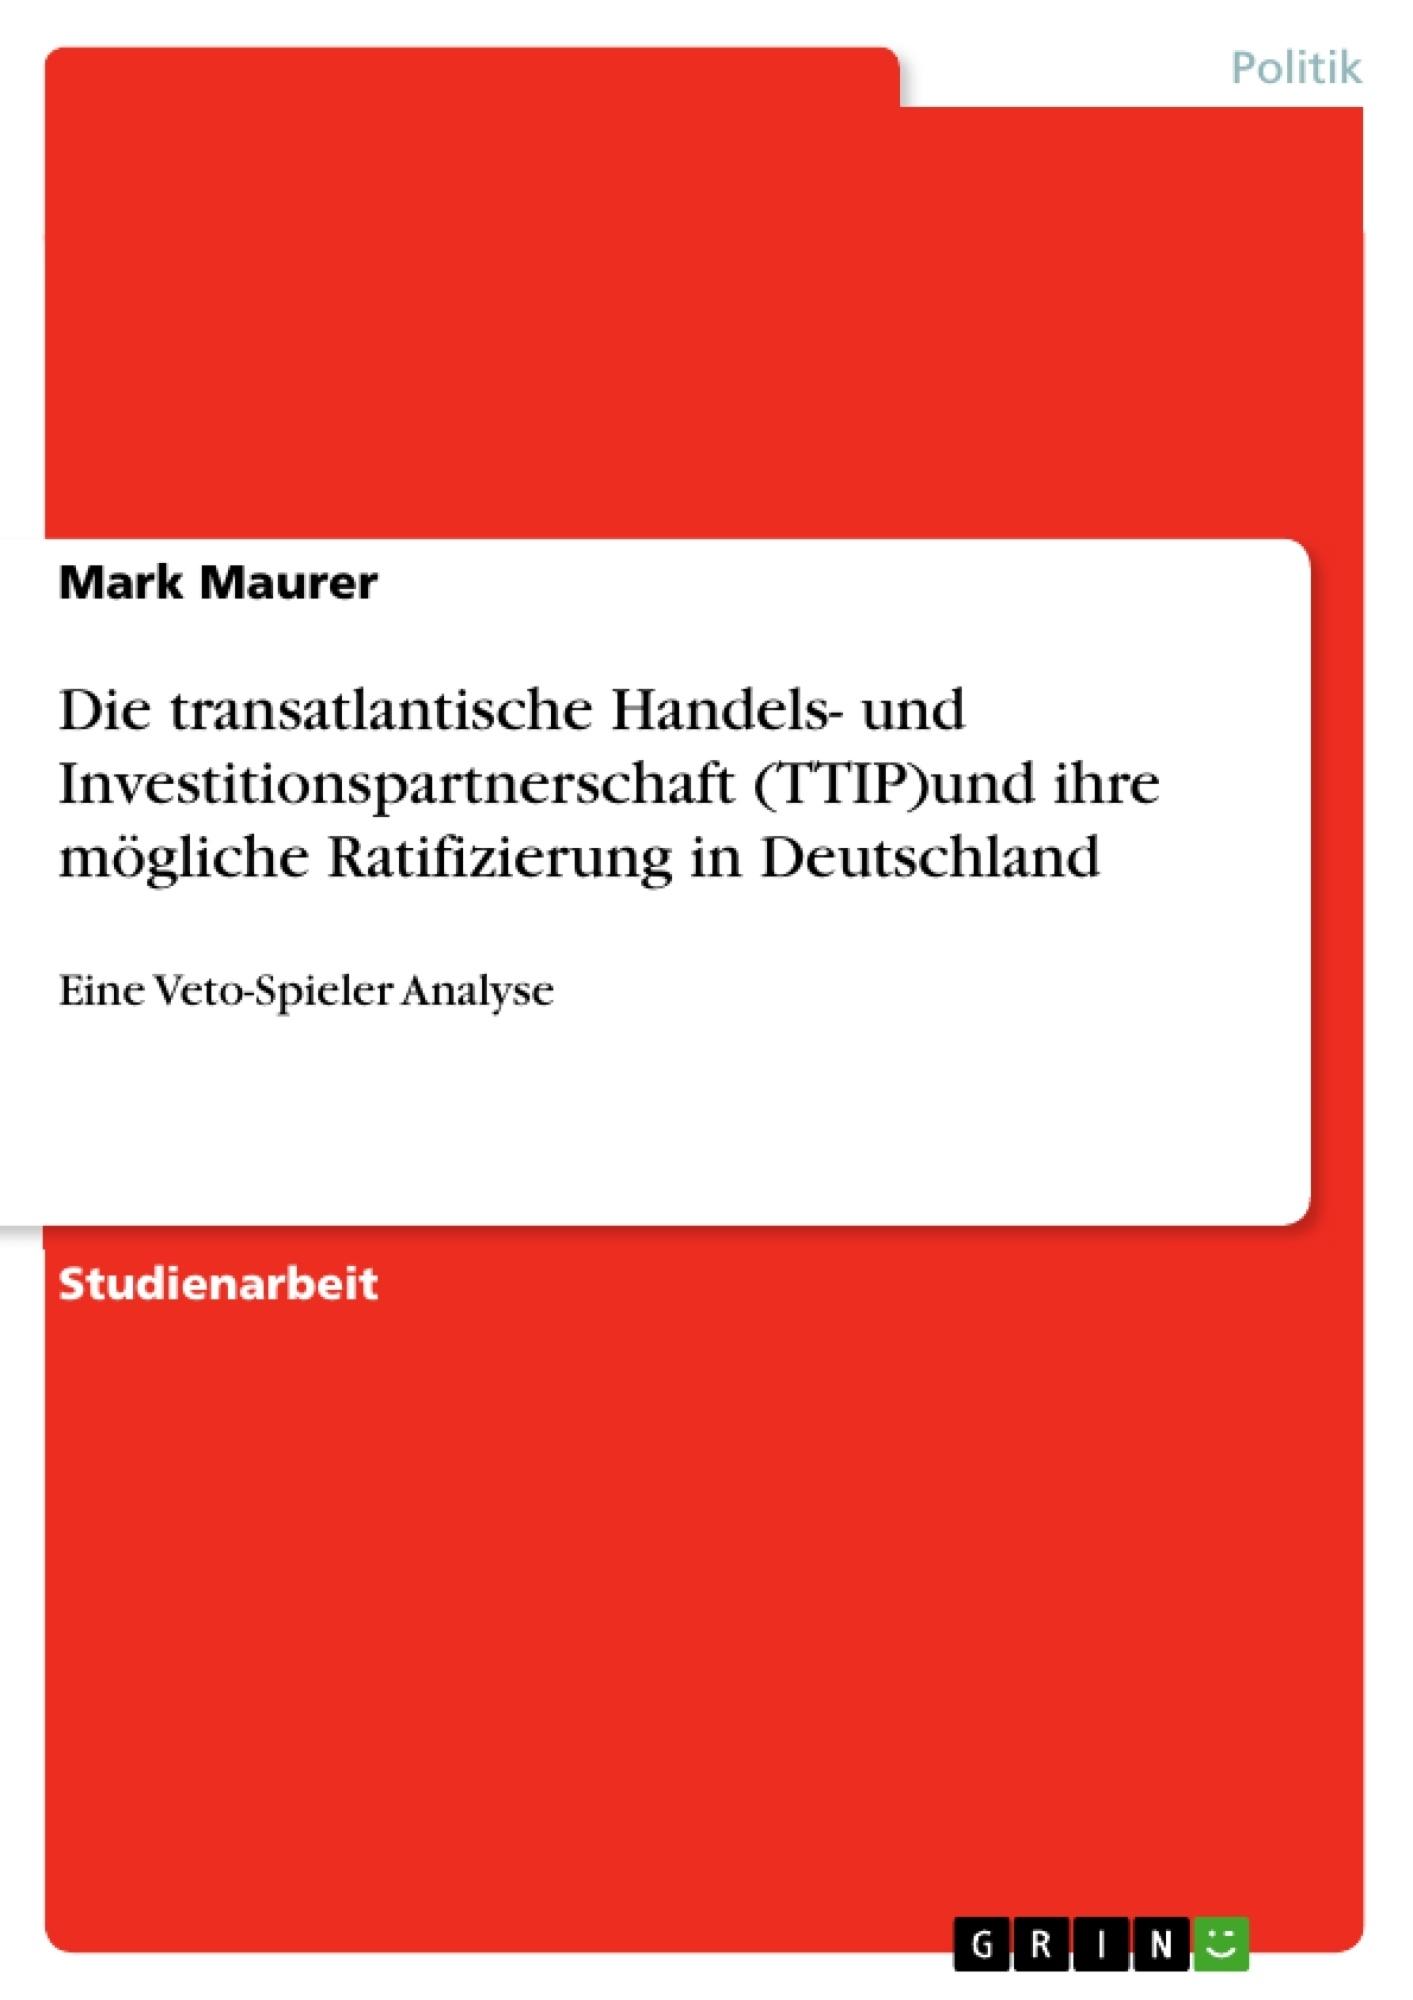 Titel: Die transatlantische Handels- und Investitionspartnerschaft (TTIP)und ihre mögliche Ratifizierung in Deutschland